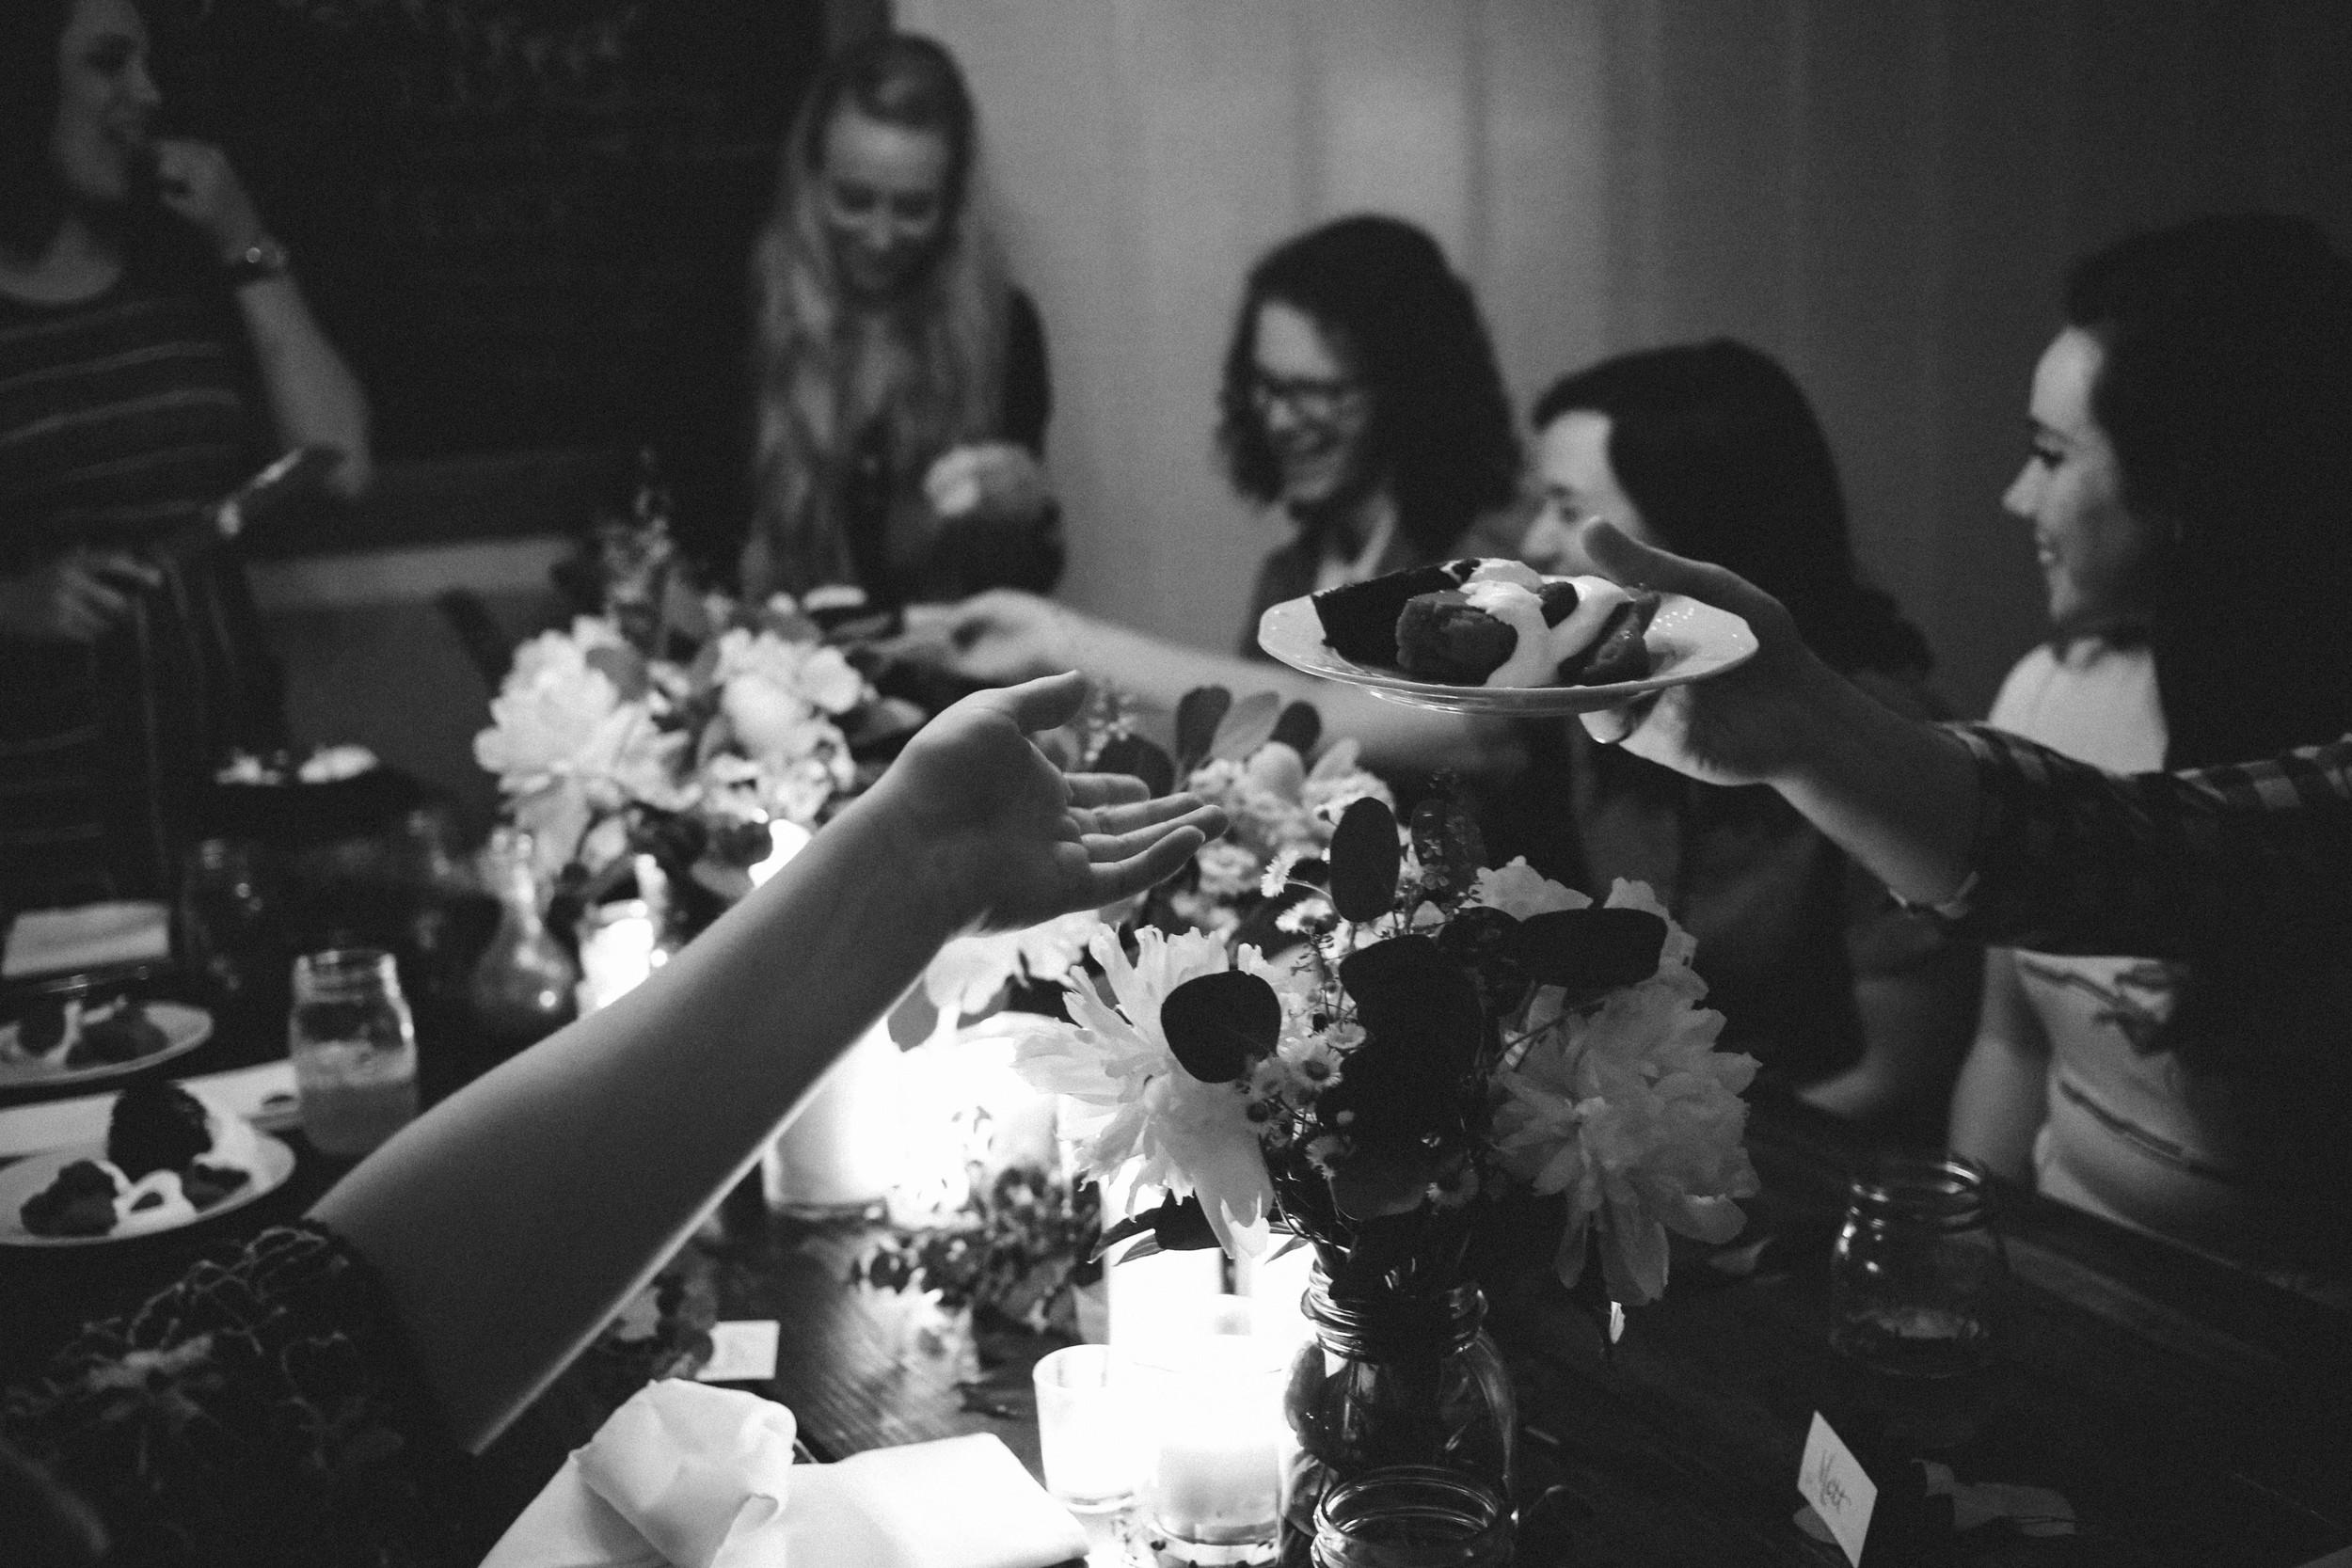 sj_dinner_party_toned-4.jpg